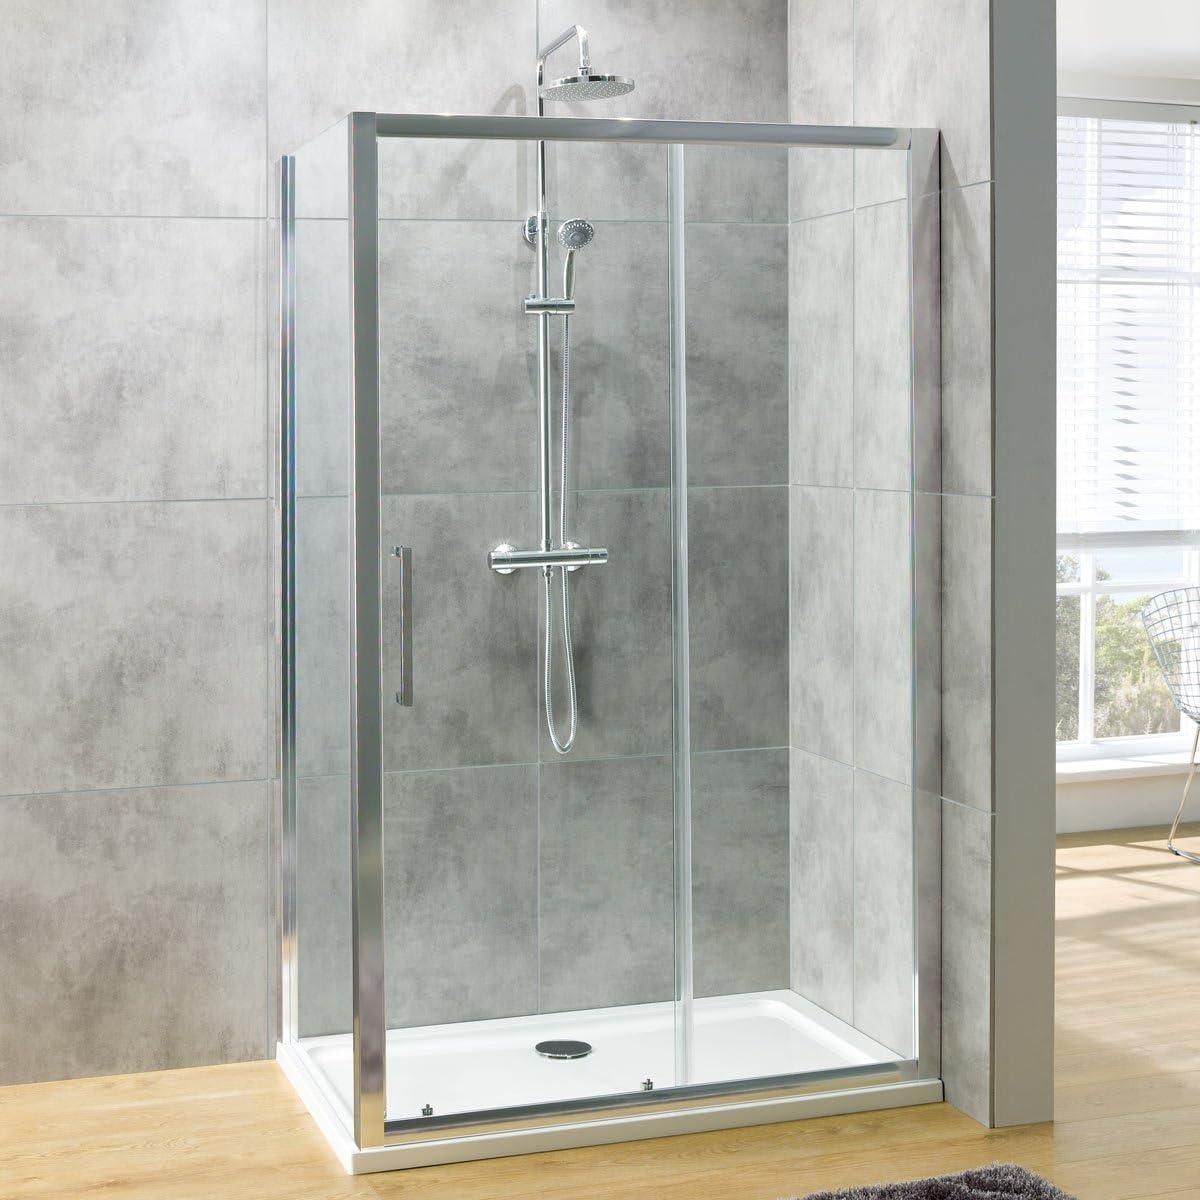 G8 - Mampara de ducha corredera (1400 x 700): Amazon.es: Hogar